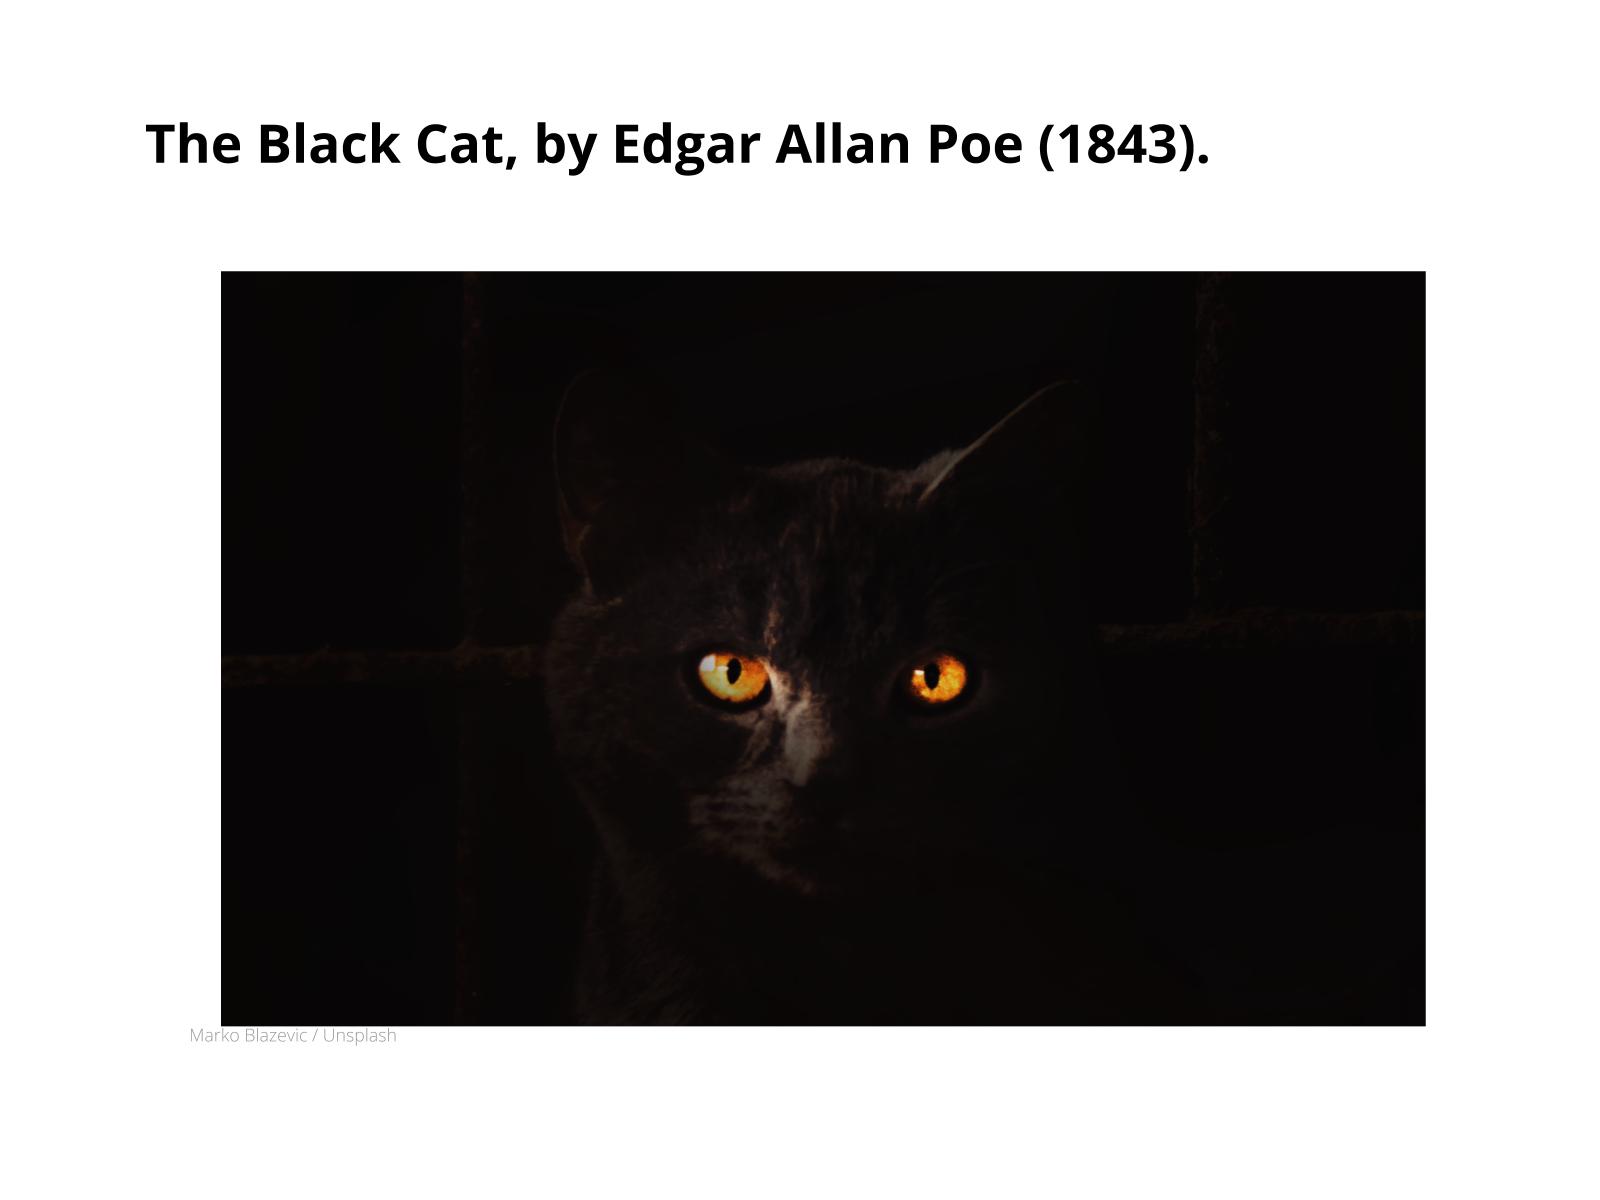 Contos - The Black Cat